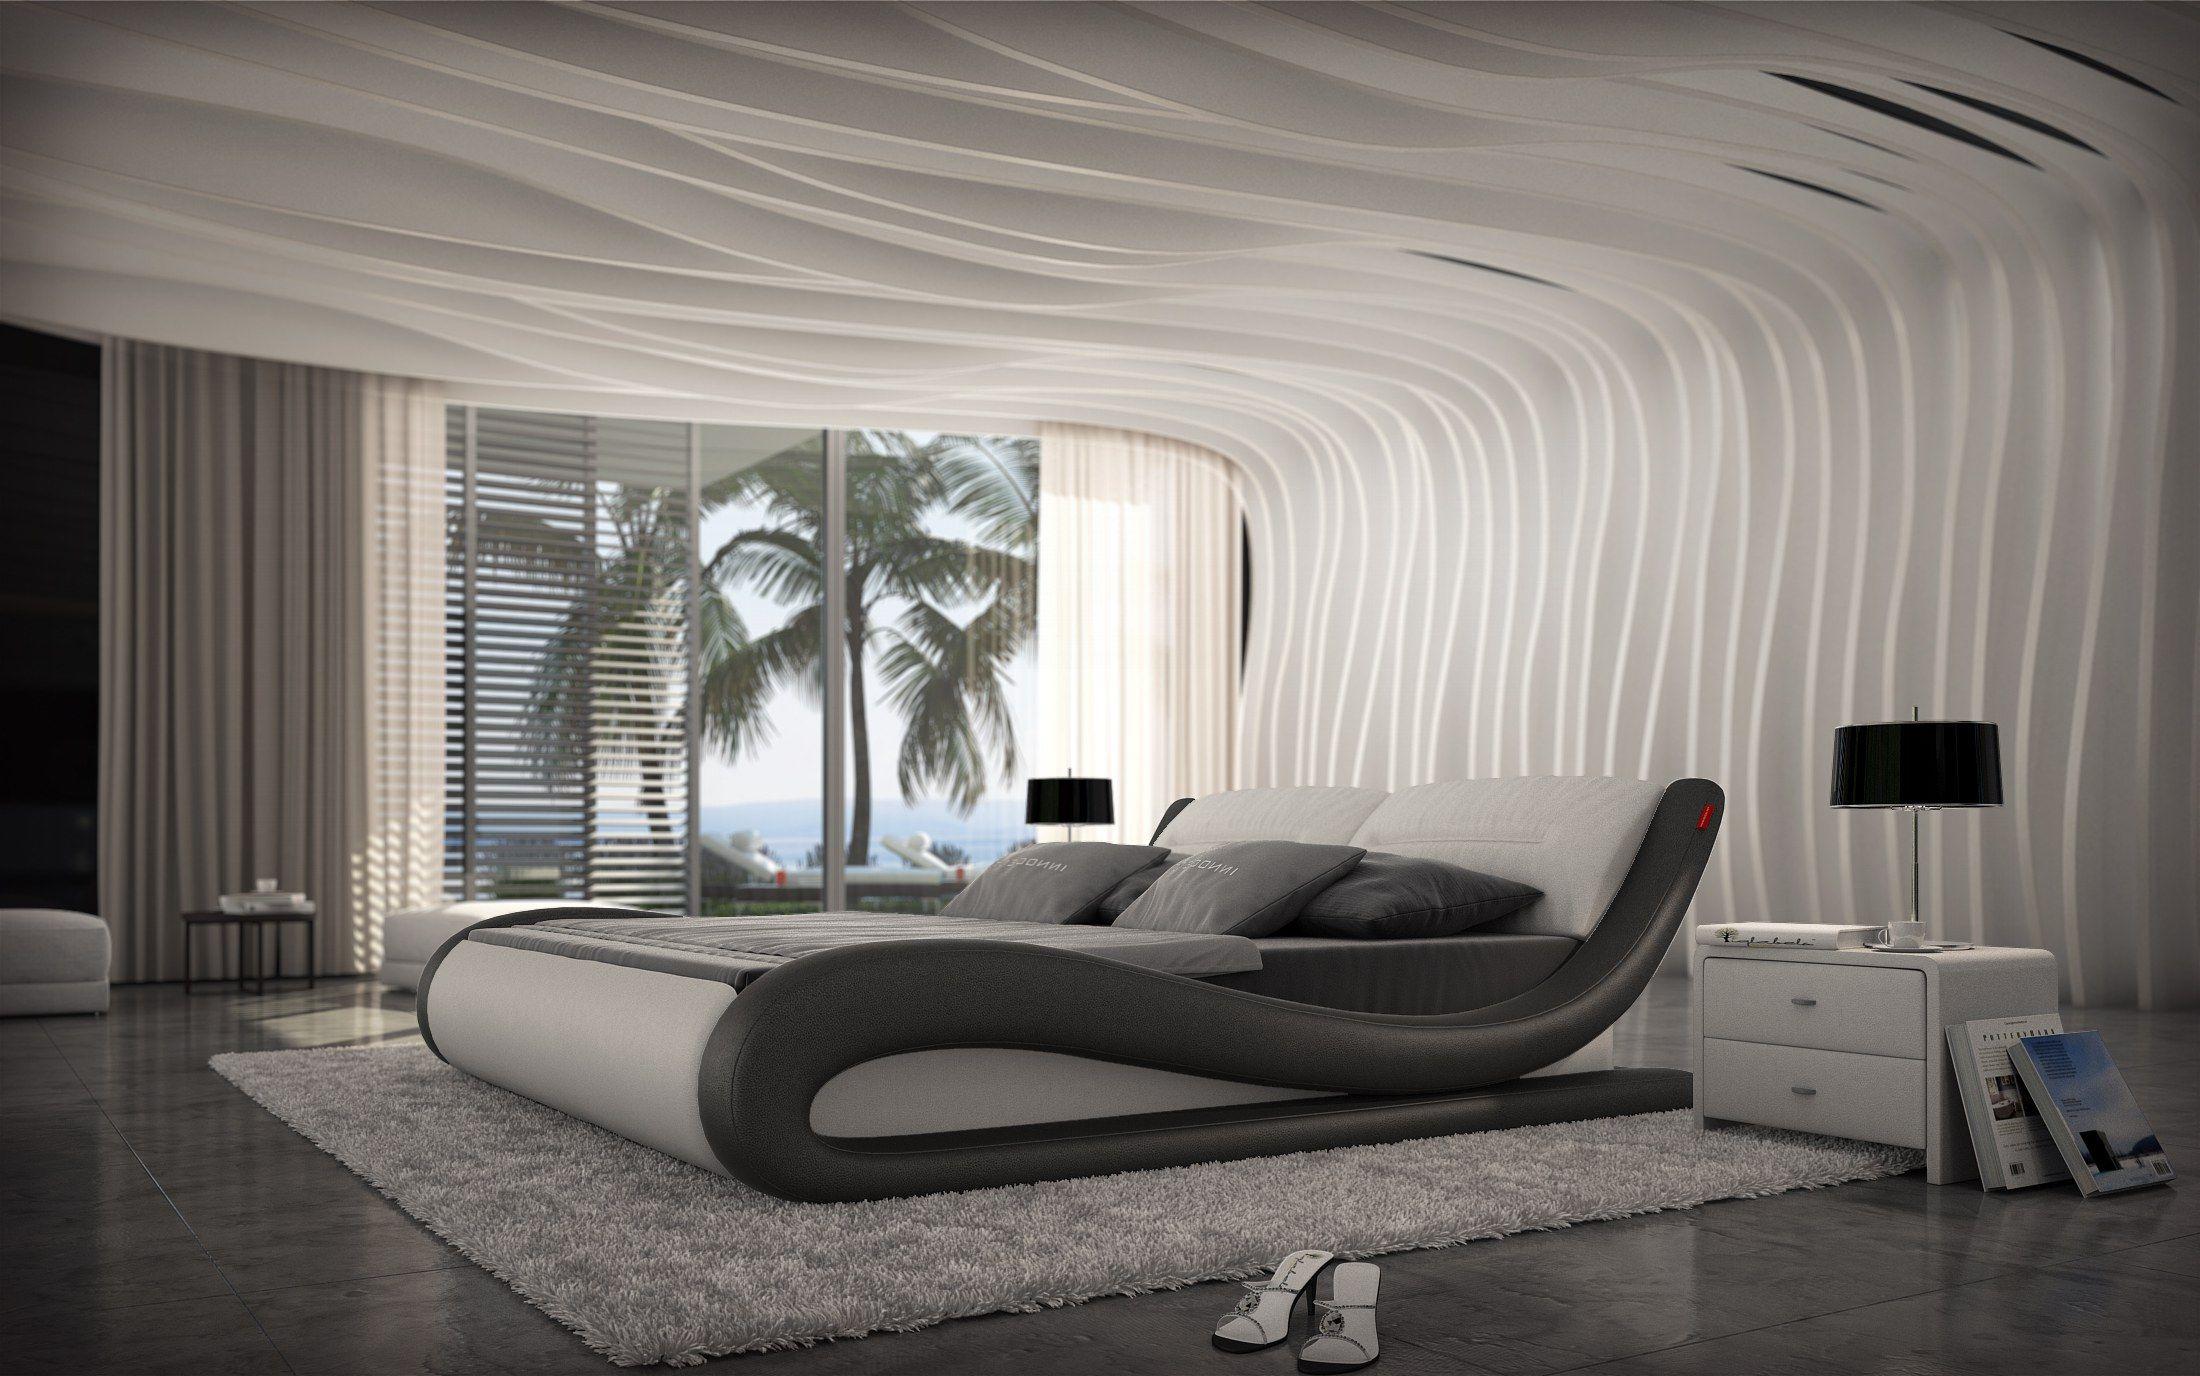 designer schlafzimmer \\u2013 Deutsche Dekor 2017 \\u2013 Online ...